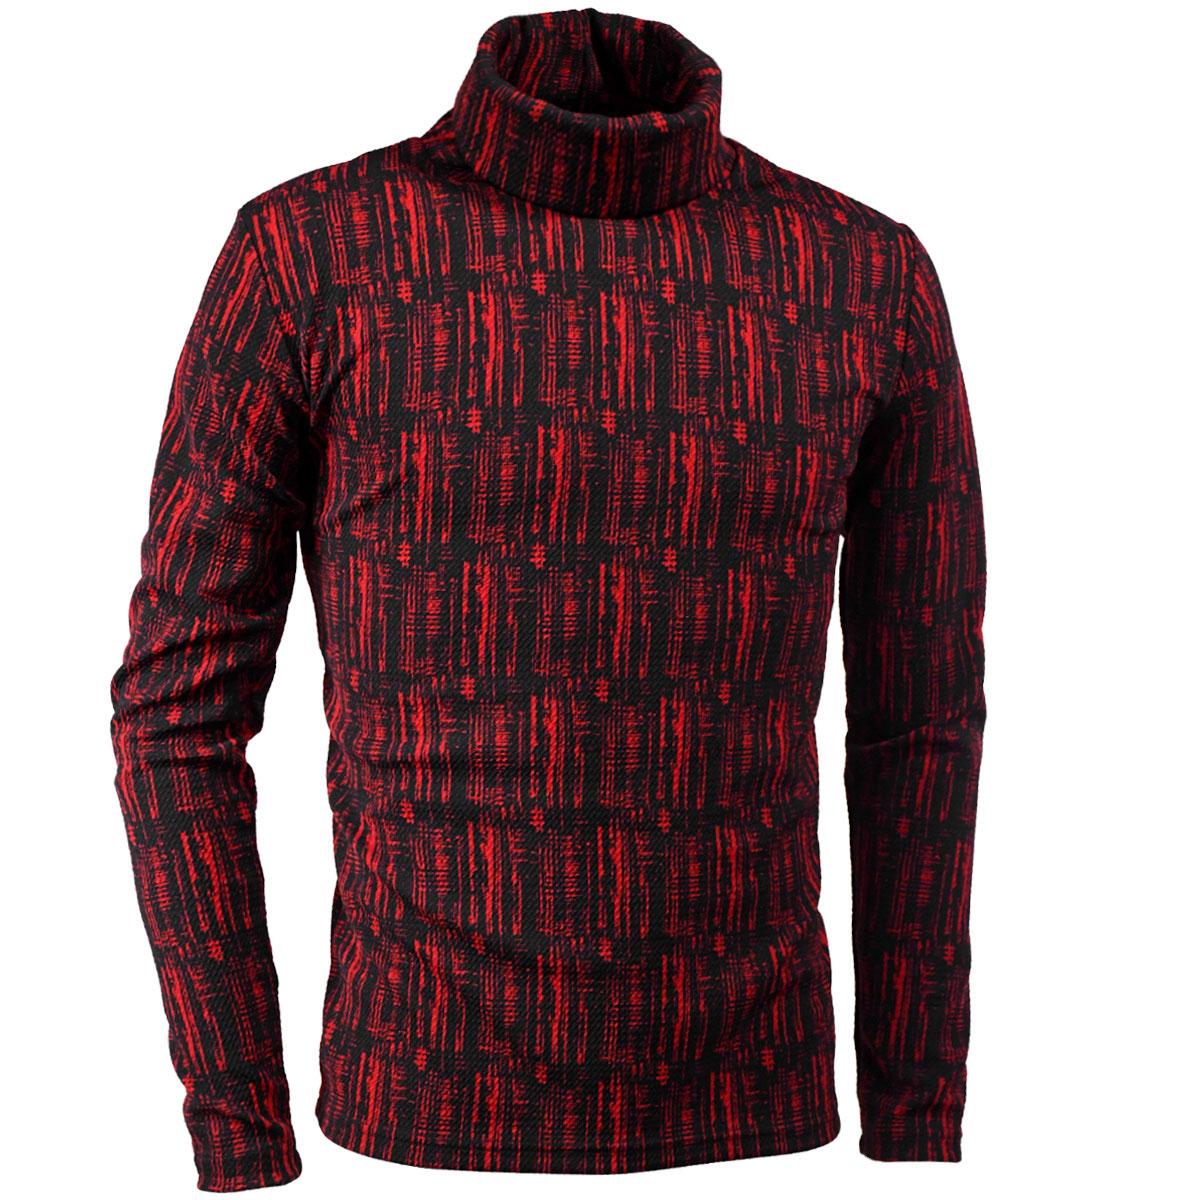 タートルネックシャツ ストライプ ムラ柄 メンズ 膨れジャガード 長袖 ストレッチ 日本製 mens(レッド赤ブラック黒) 193219:BLACK VARIA/ブラックバリア